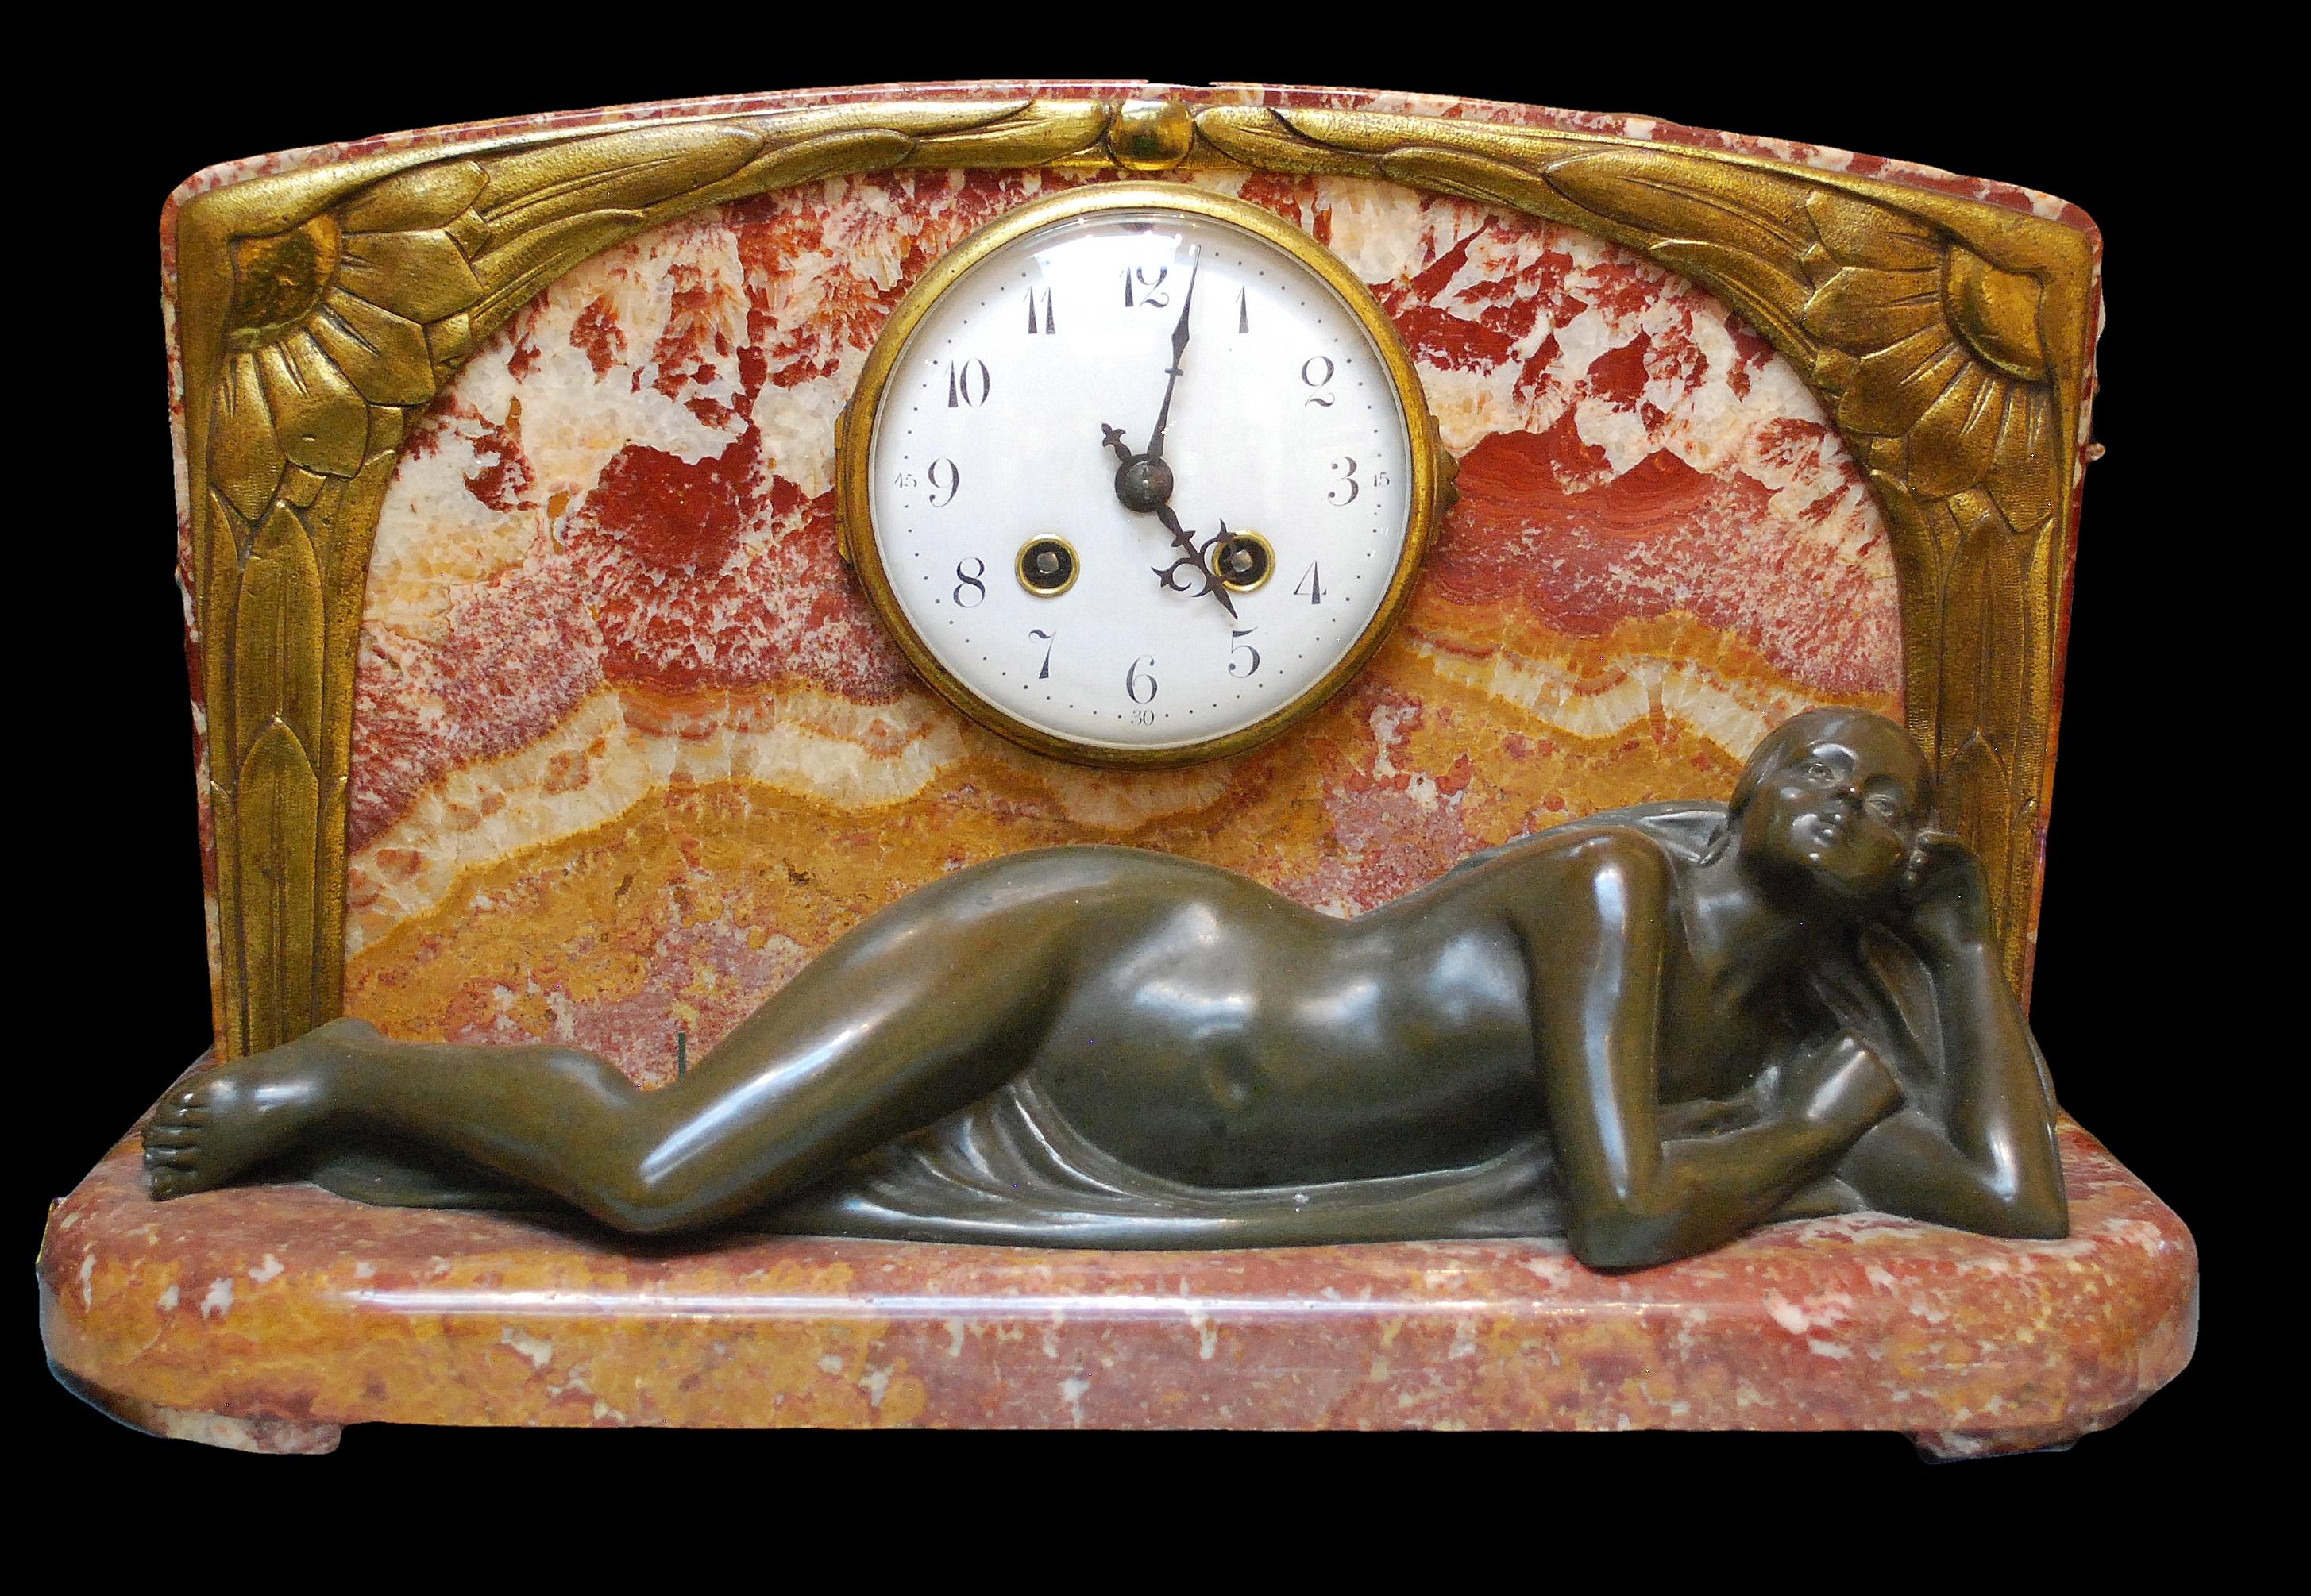 French art nouveau clock